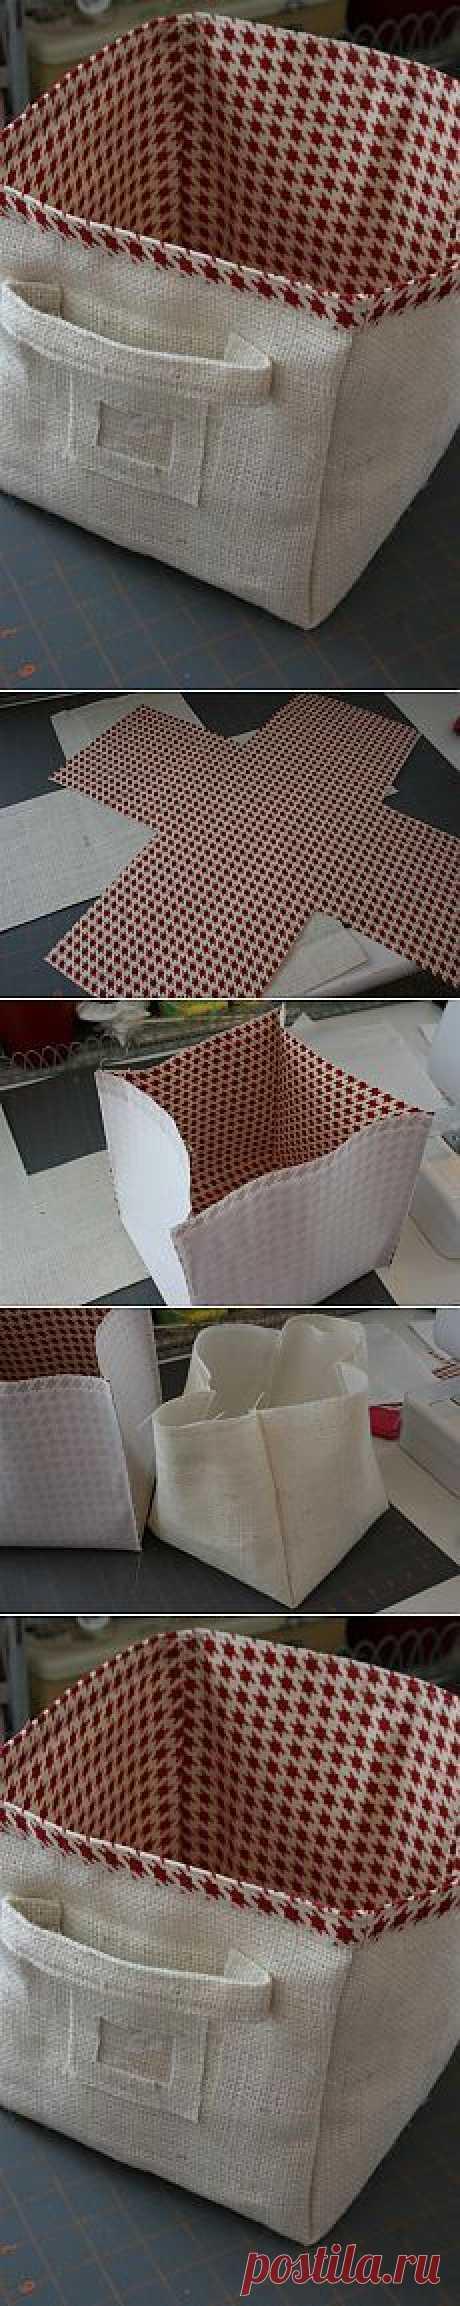 (+1) - Корзина из ткани | СВОИМИ РУКАМИ | Sewing to do